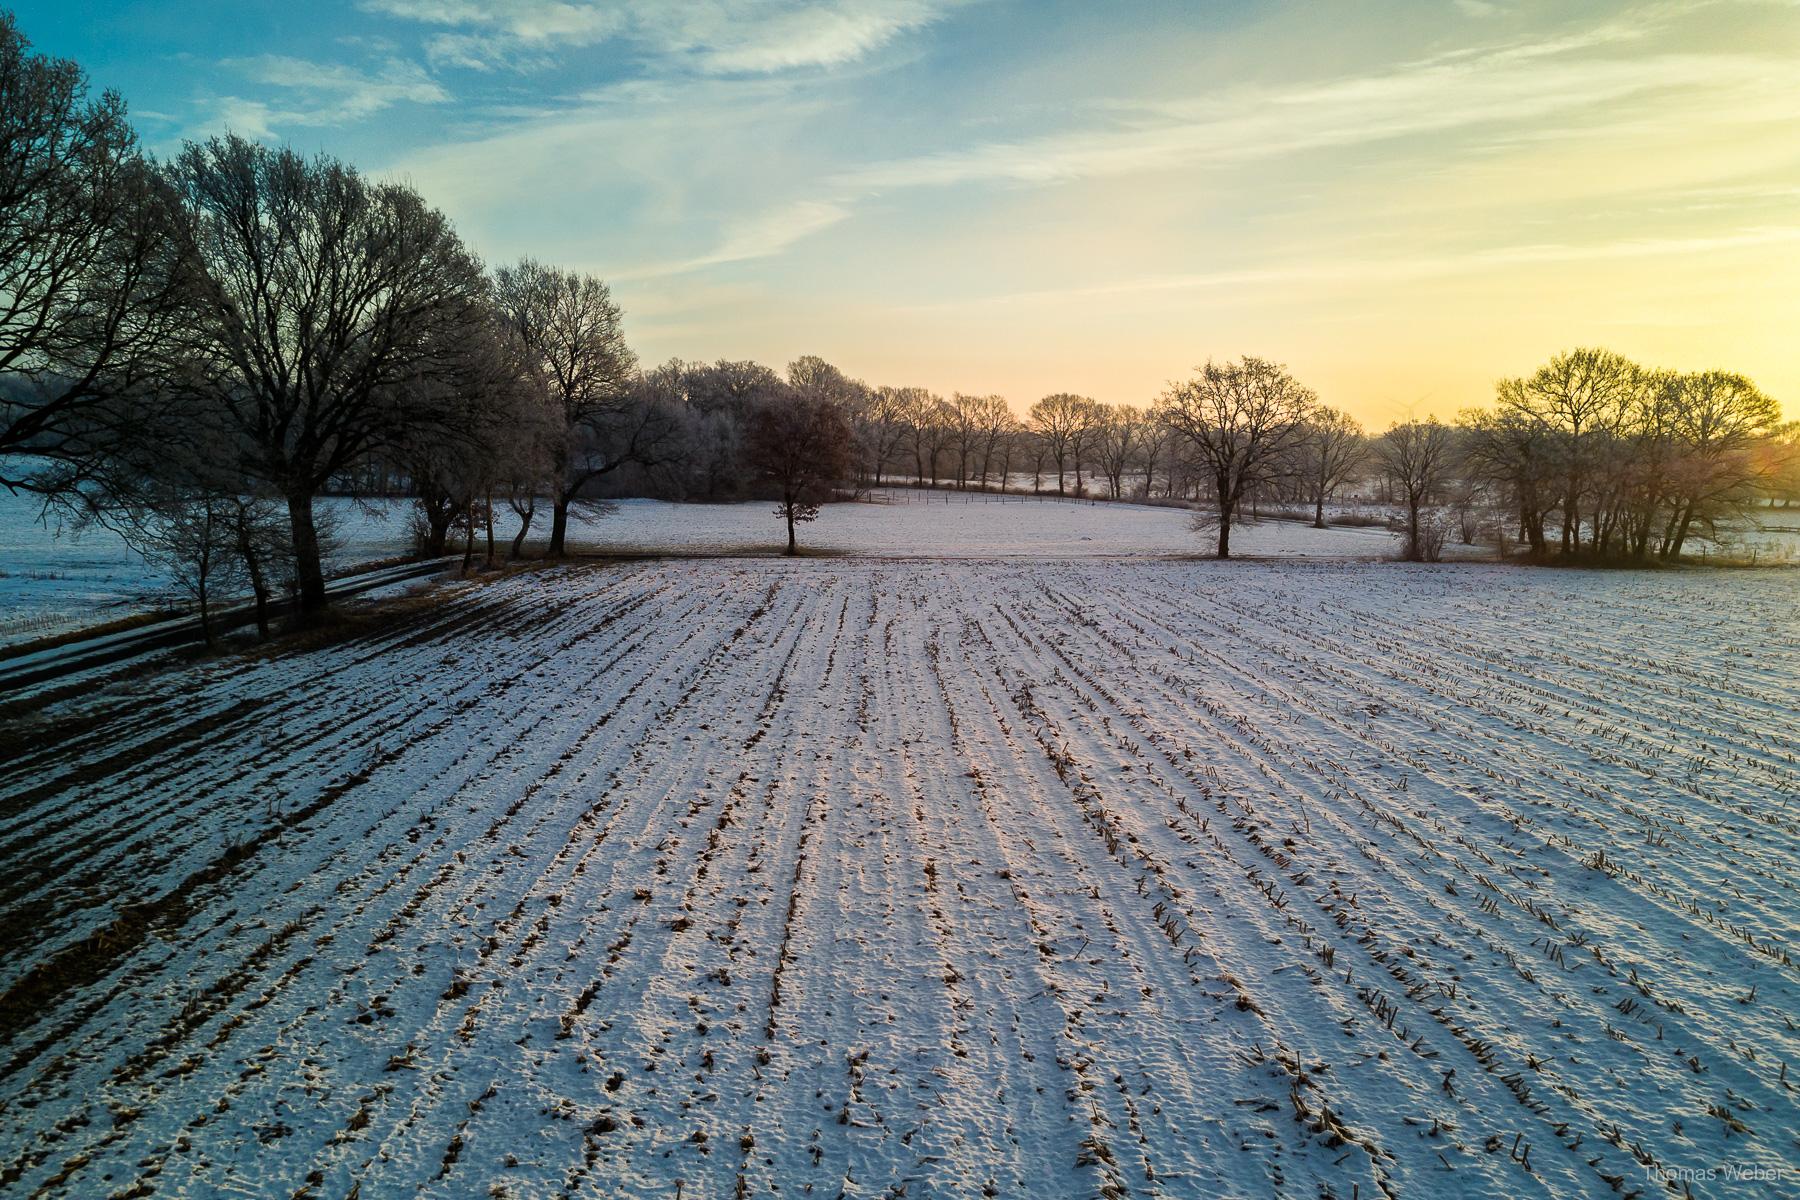 Fotograf Oldenburg, Thomas Weber: Landschaftsfotos und Naturfotos im Winter am See und im Moor